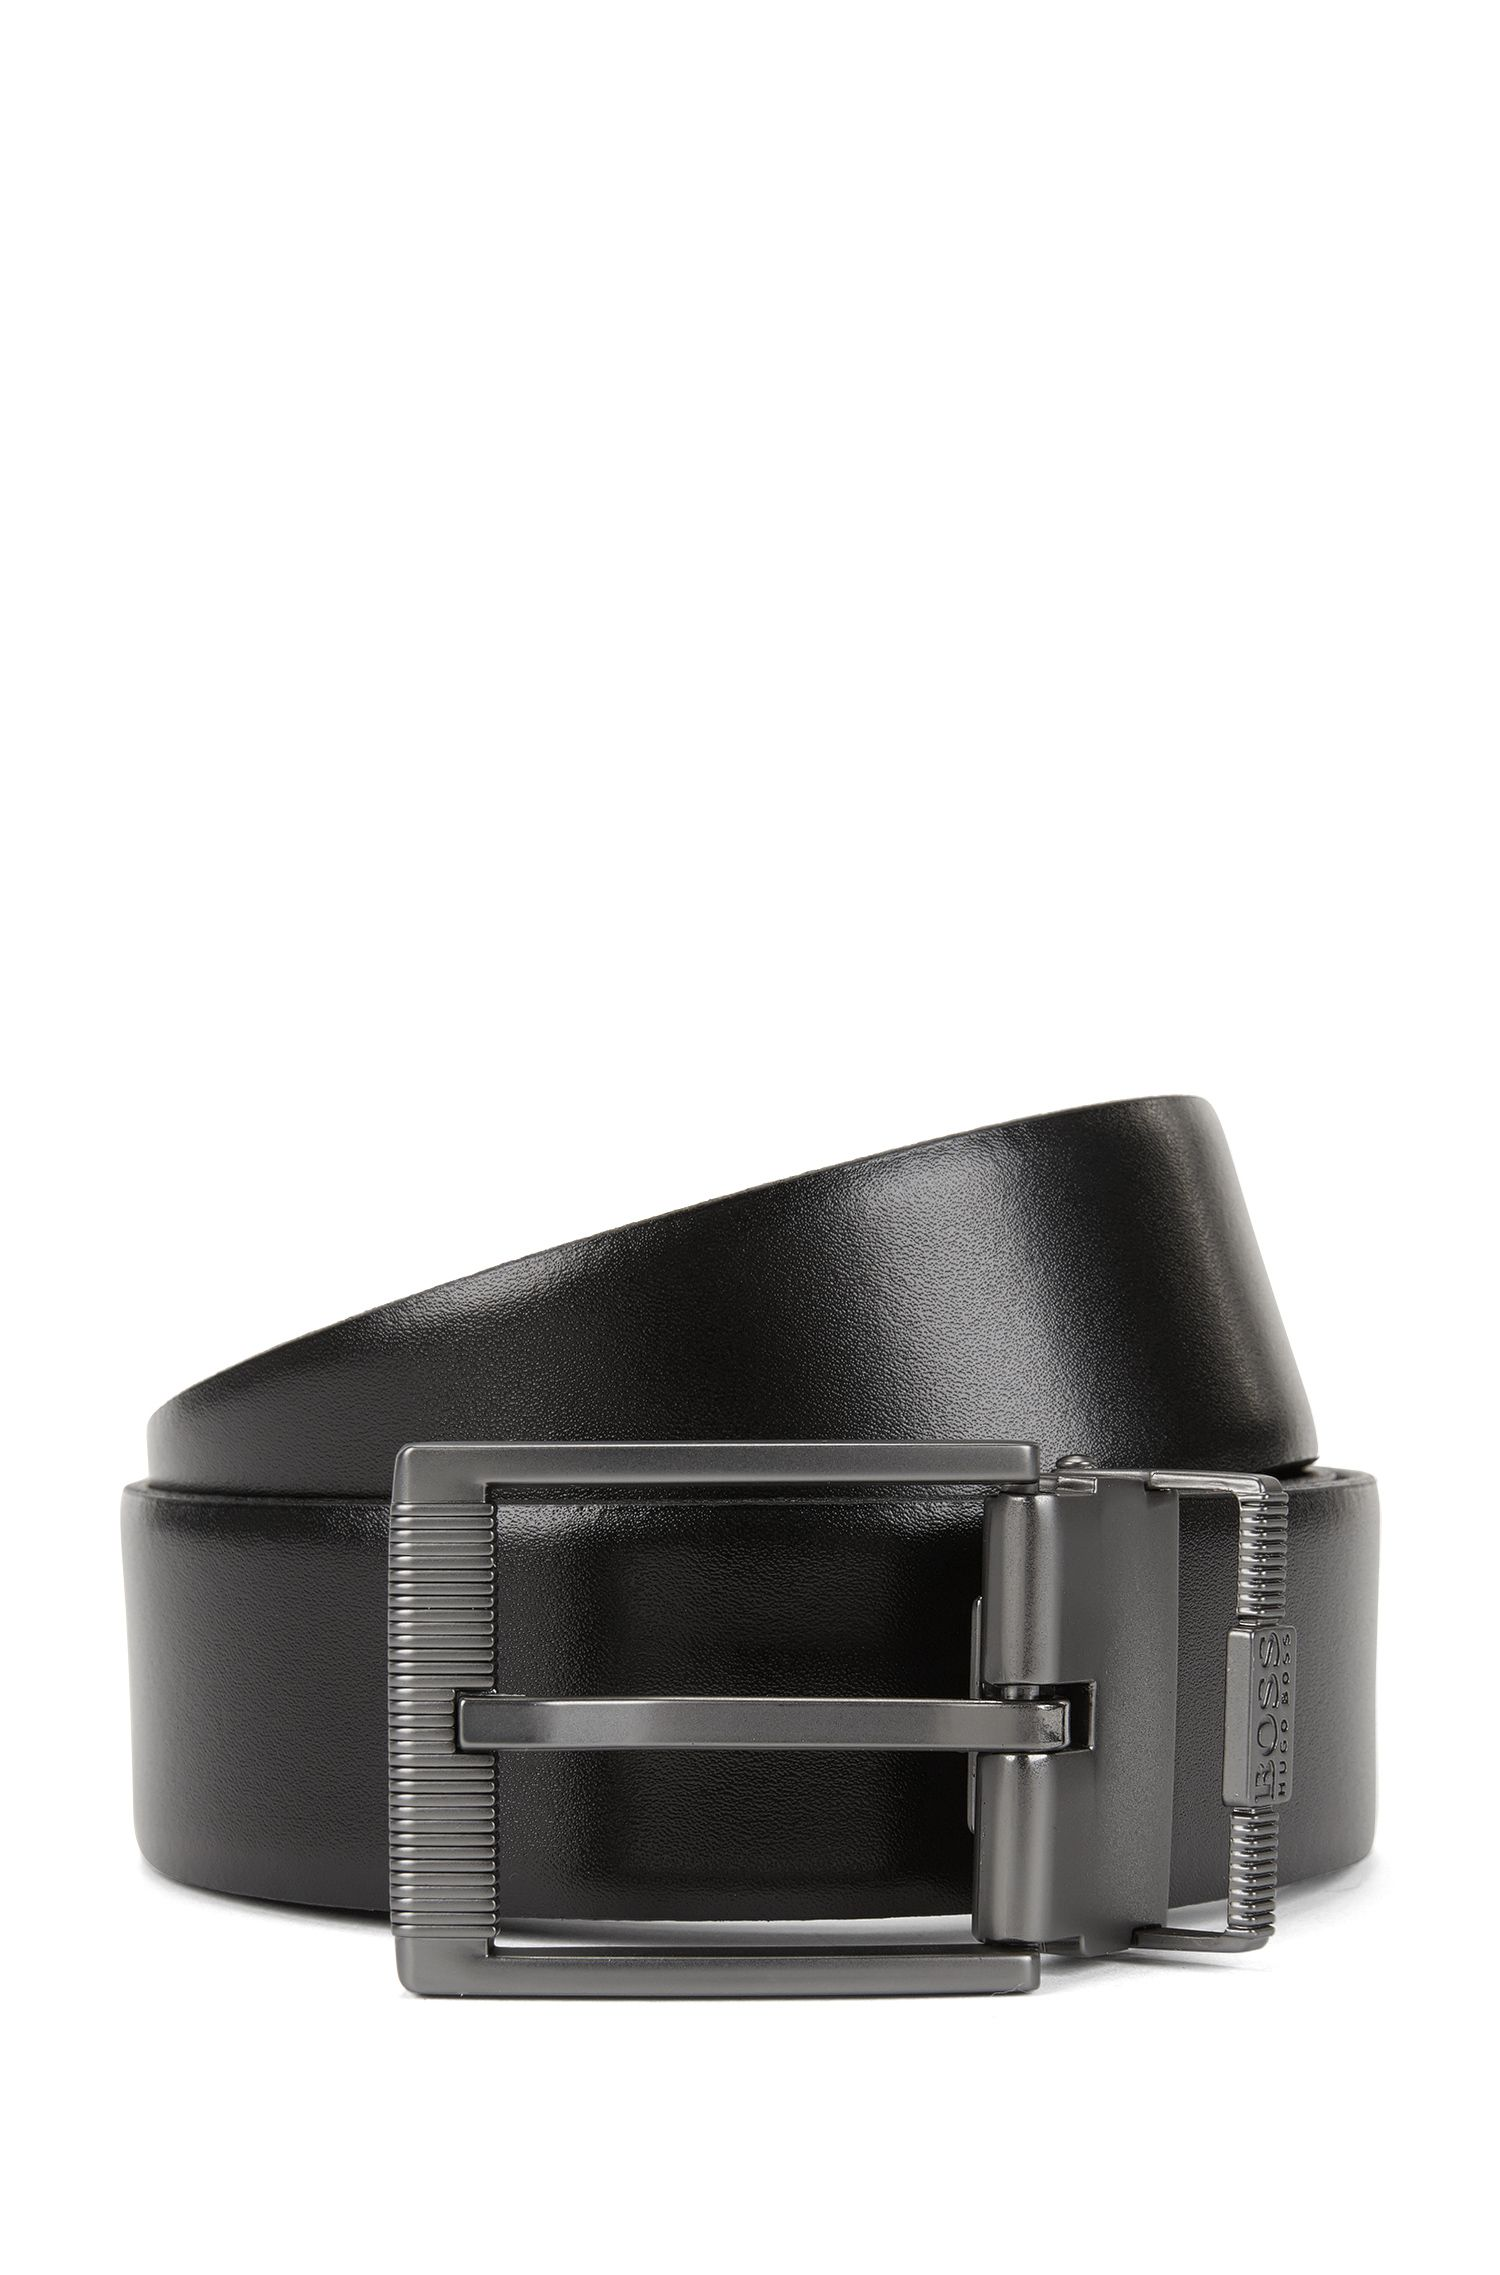 Cintura reversibile in pelle liscia e lavorata con doppia fibbia color canna di fucile opaco